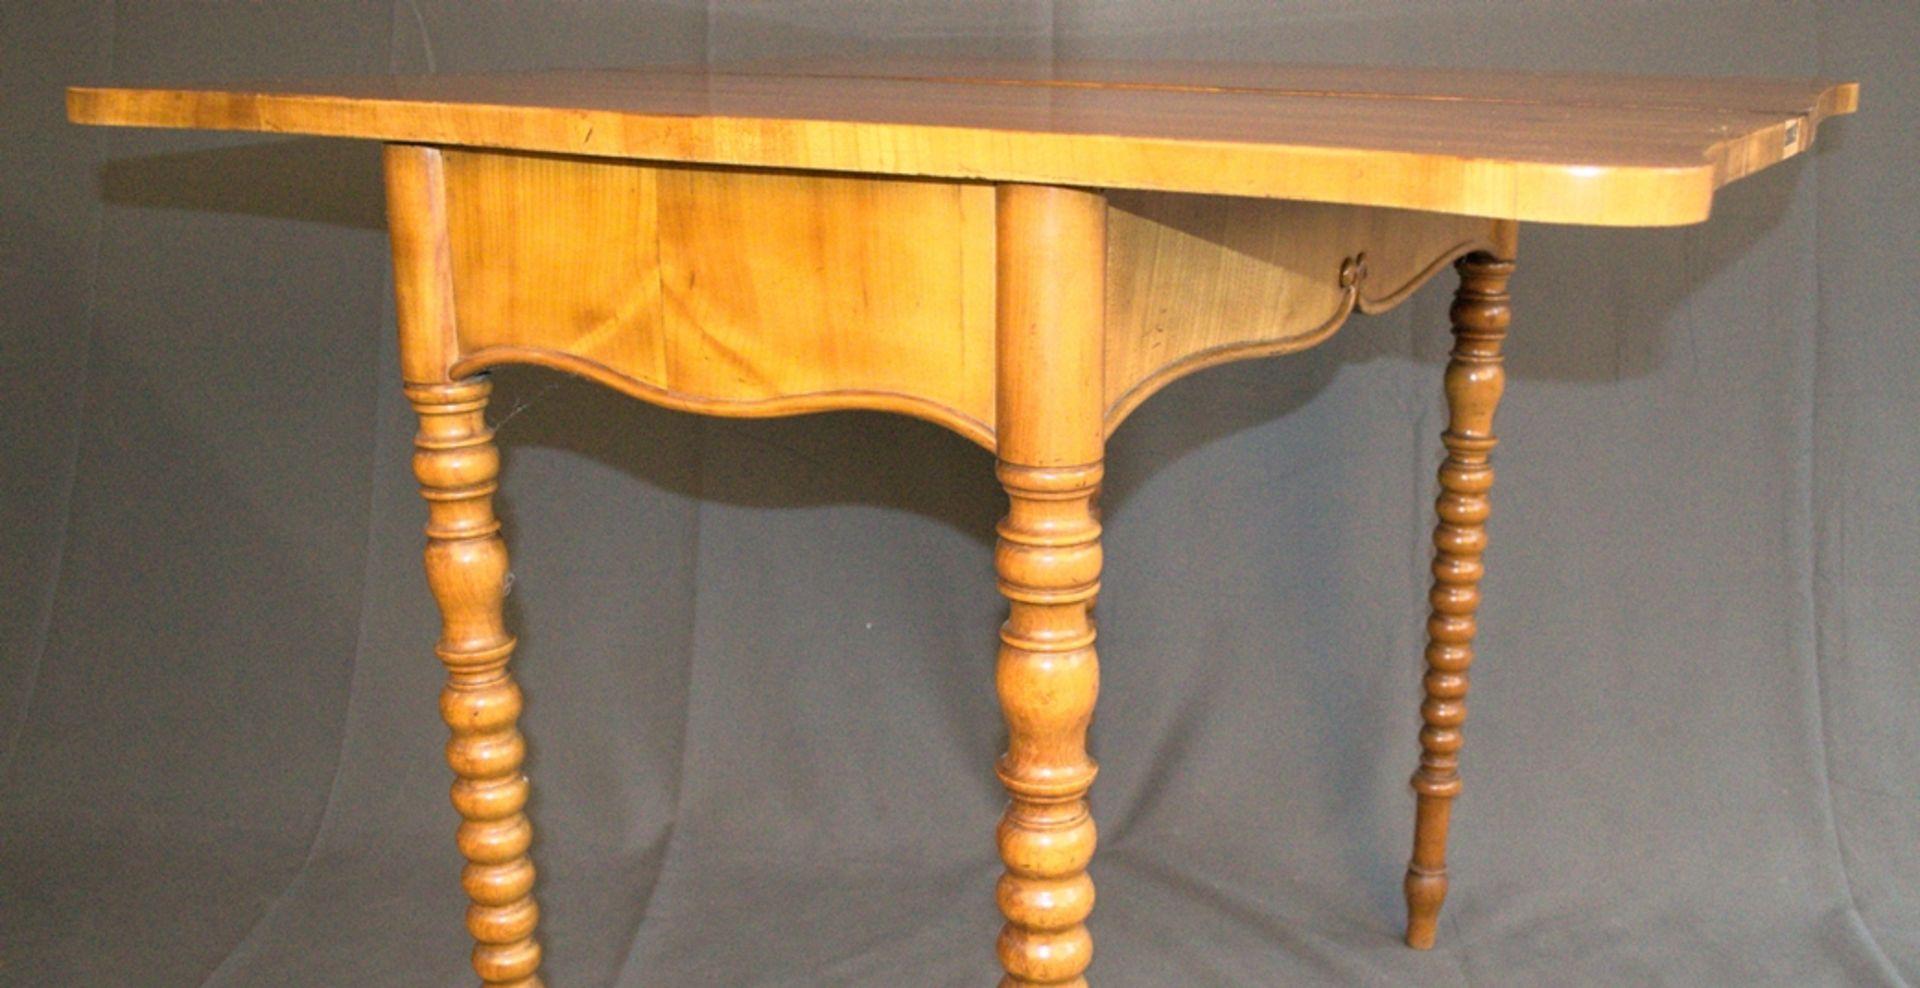 Konsoltisch/Spieltisch. Spätes Biedermeier um 1840/50. Kirschbaum massiv & furniert. Gepflegter - Bild 11 aus 24